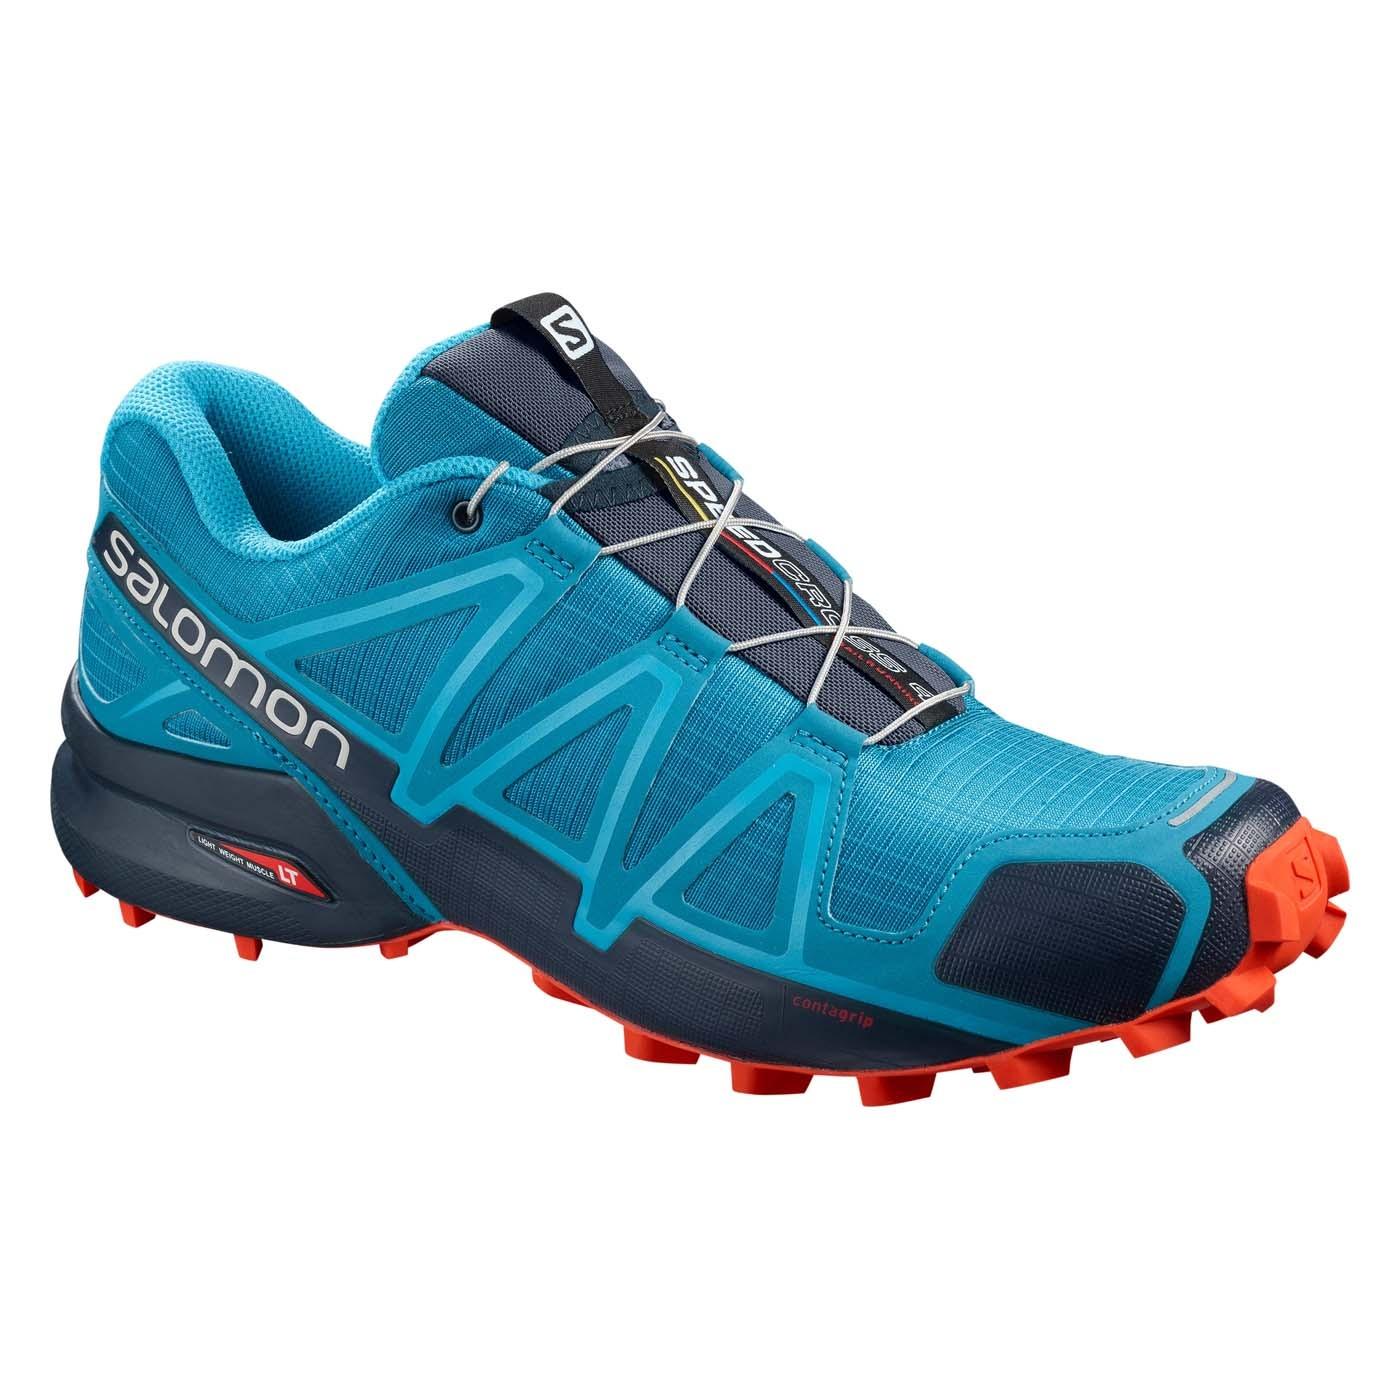 Męskie buty Salomon Speedcross 4 za 252zł (rozm.42 46